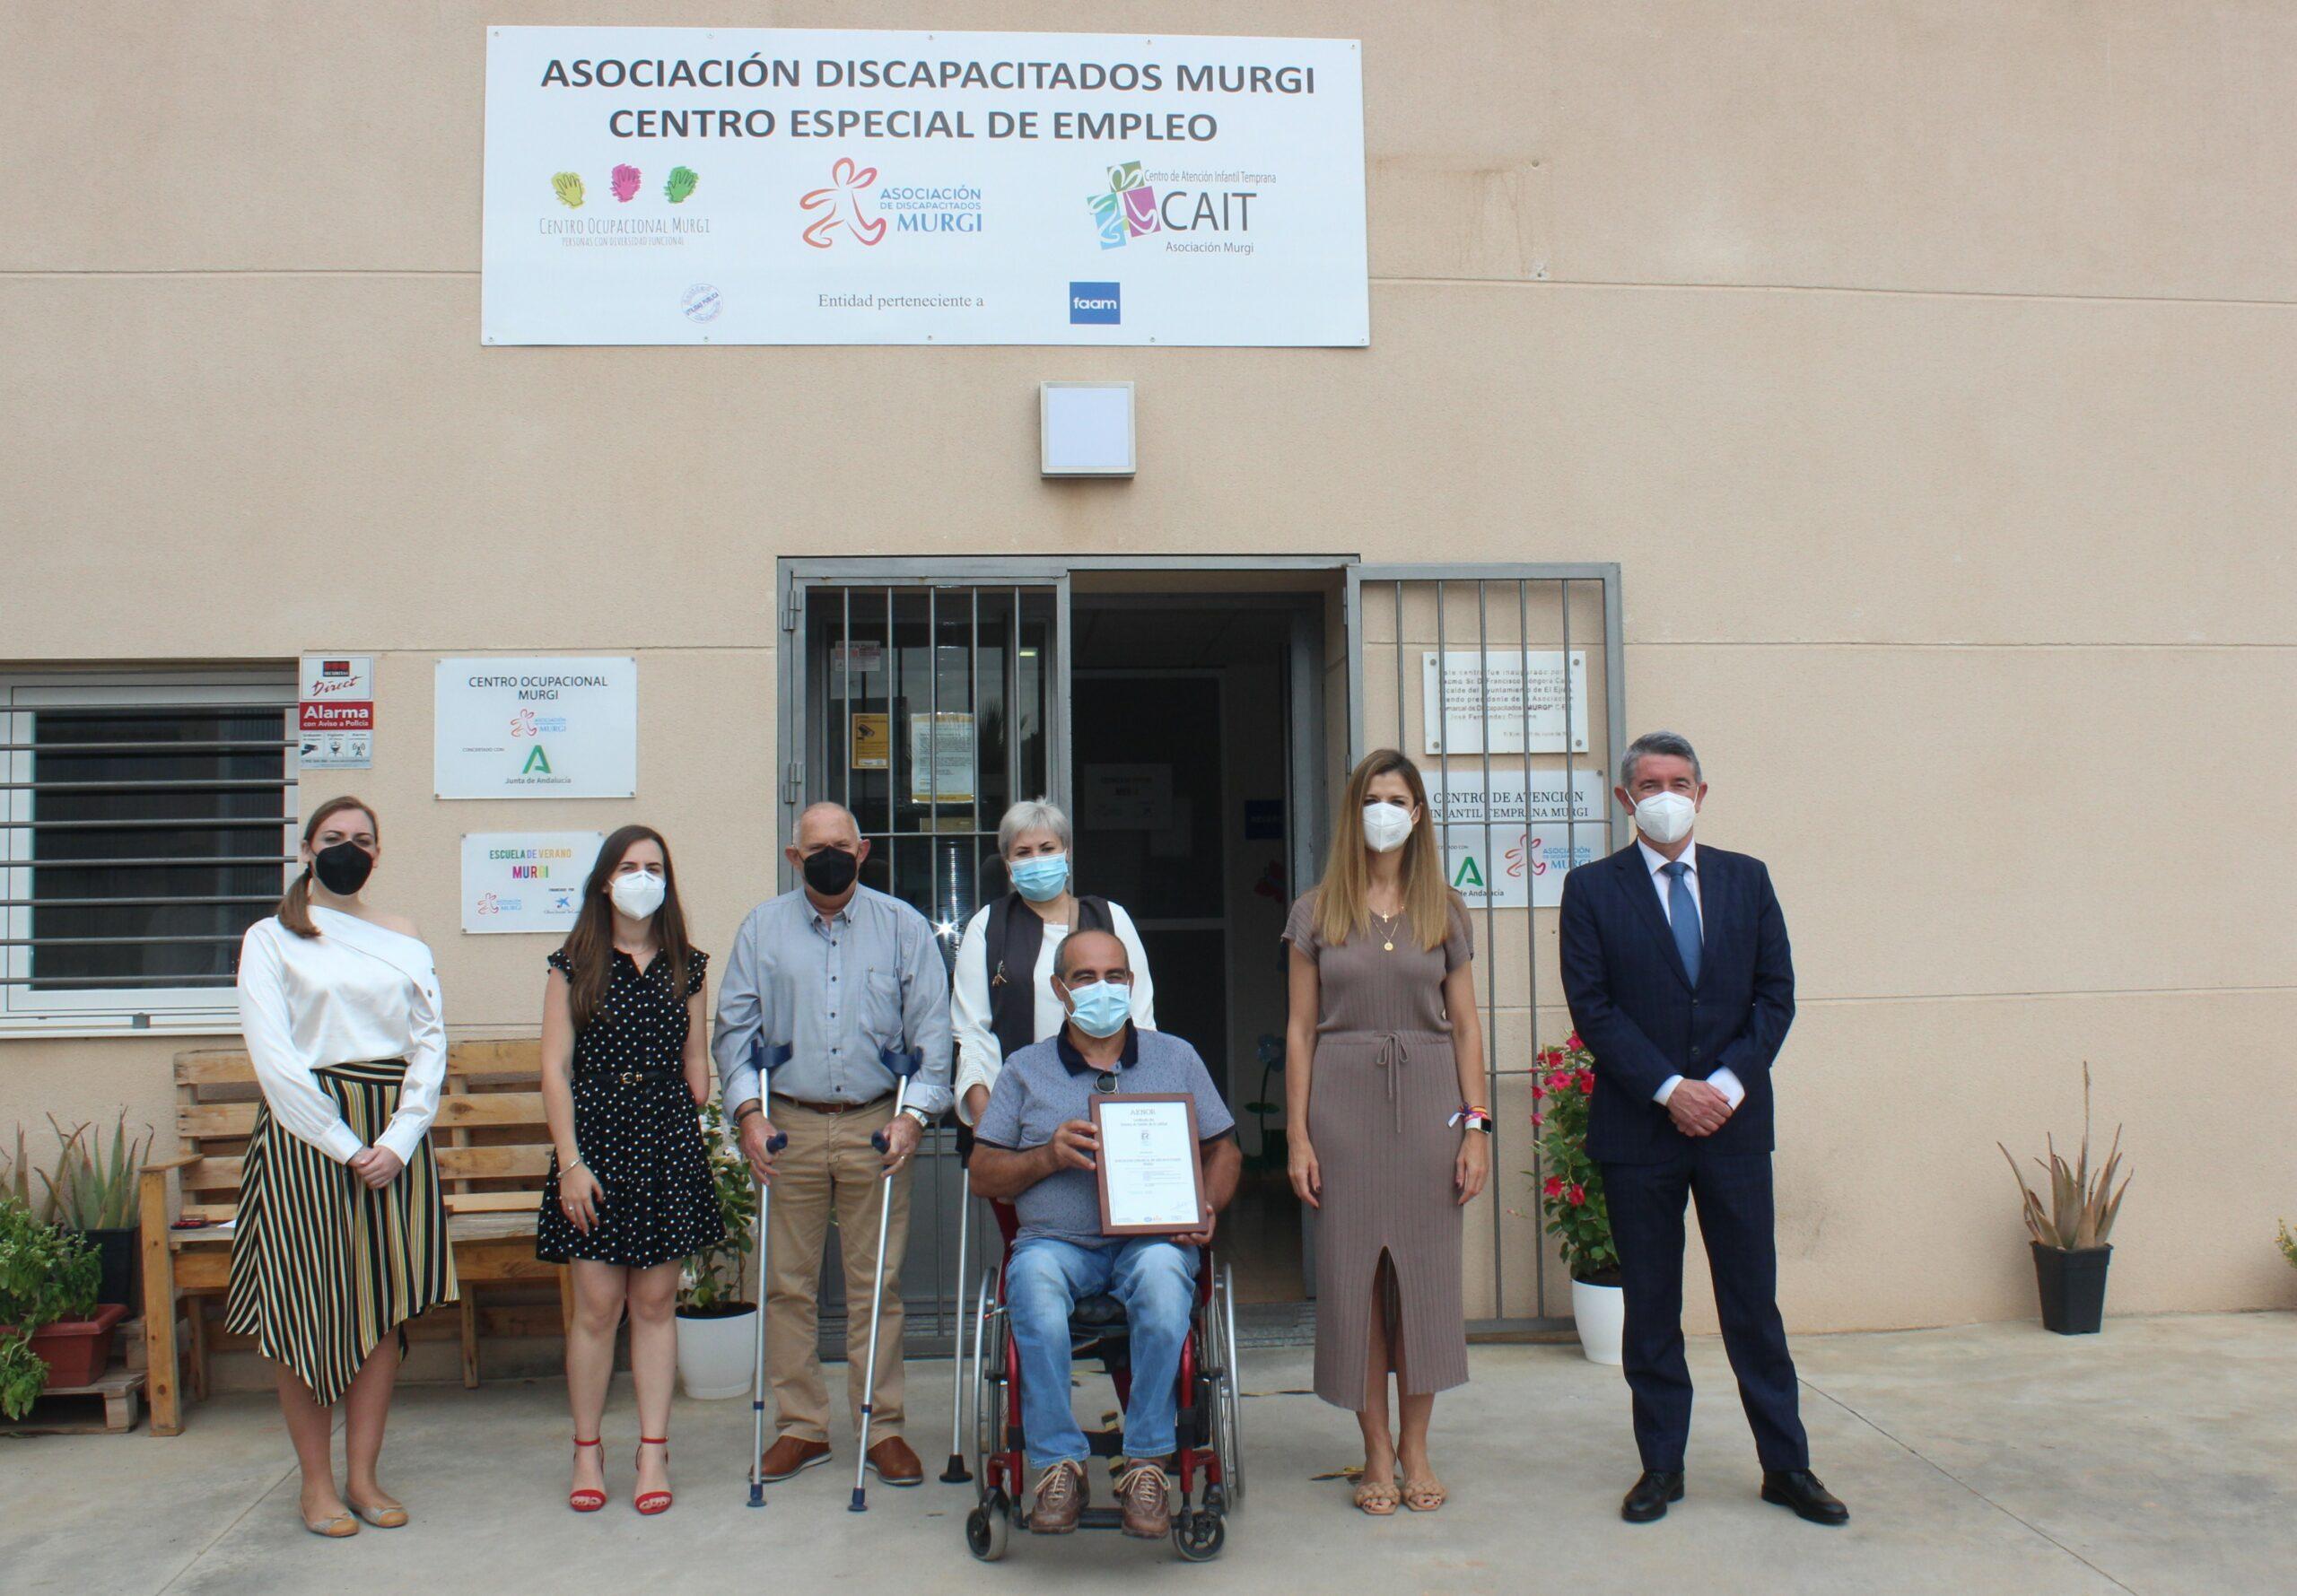 La Asociación Comarcal de Discapacitados Murgi obtiene el sello de calidad AENOR en los servicios que presta dentro del Centro de Día, en Orientación Sociolaboral y en Ordenación de Aparcamientos y Central de Accesos